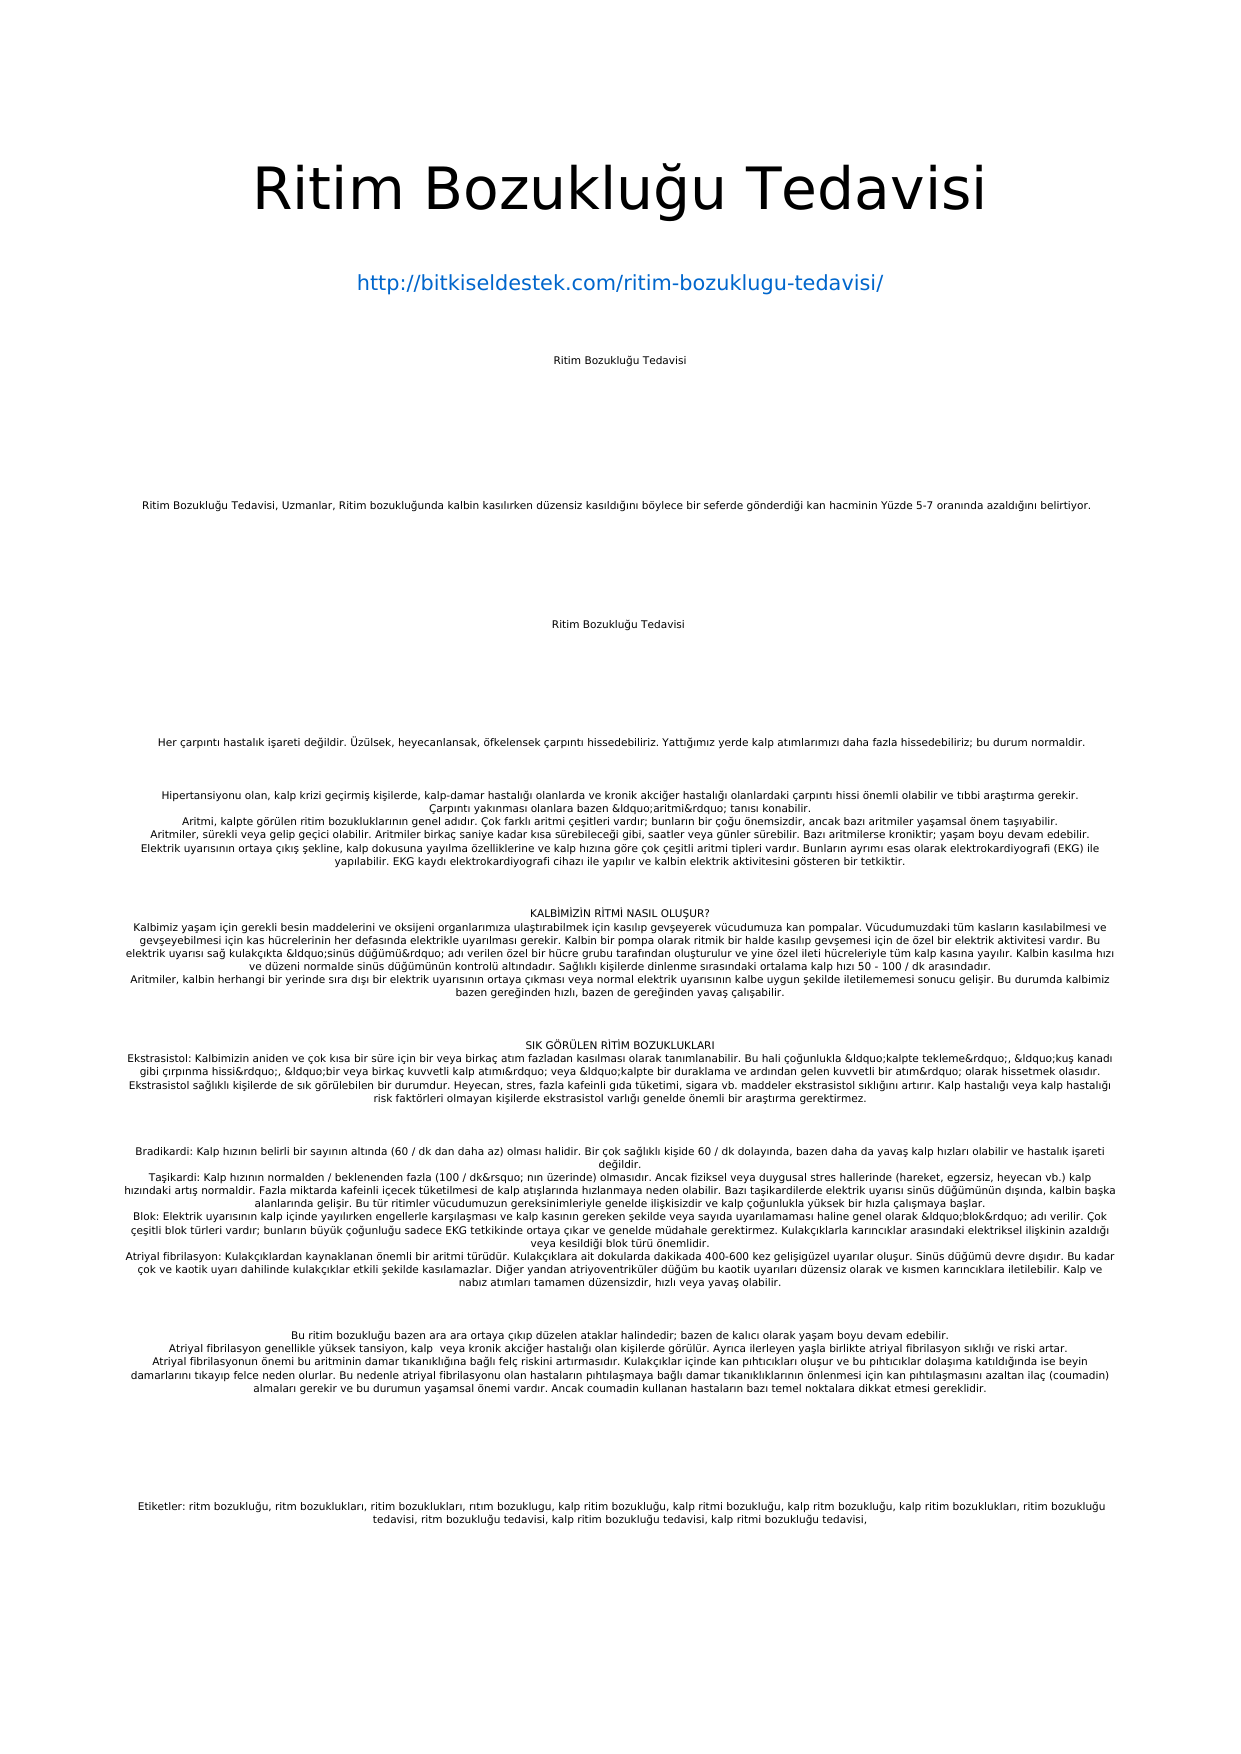 Etkili antibiyotik Macropen: ilacın kullanımı için yorumlar ve öneriler 75